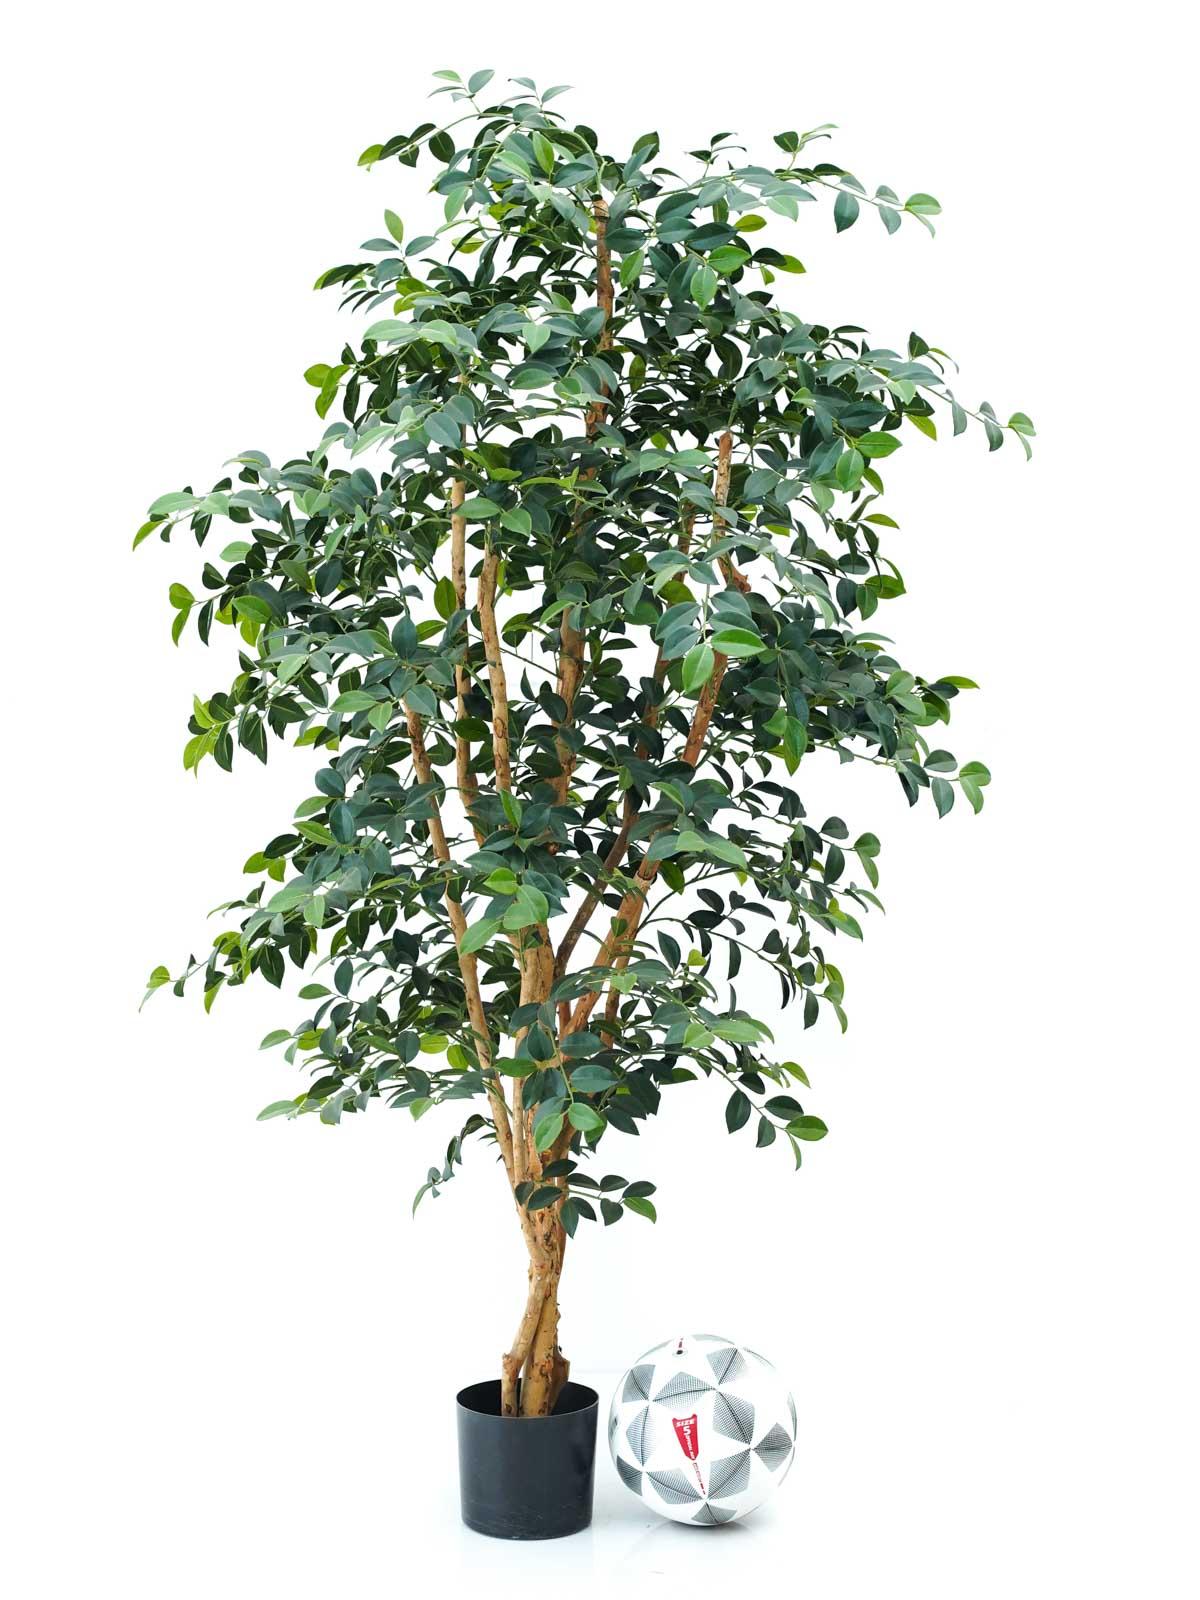 Sazanka Tree Medium Shopping